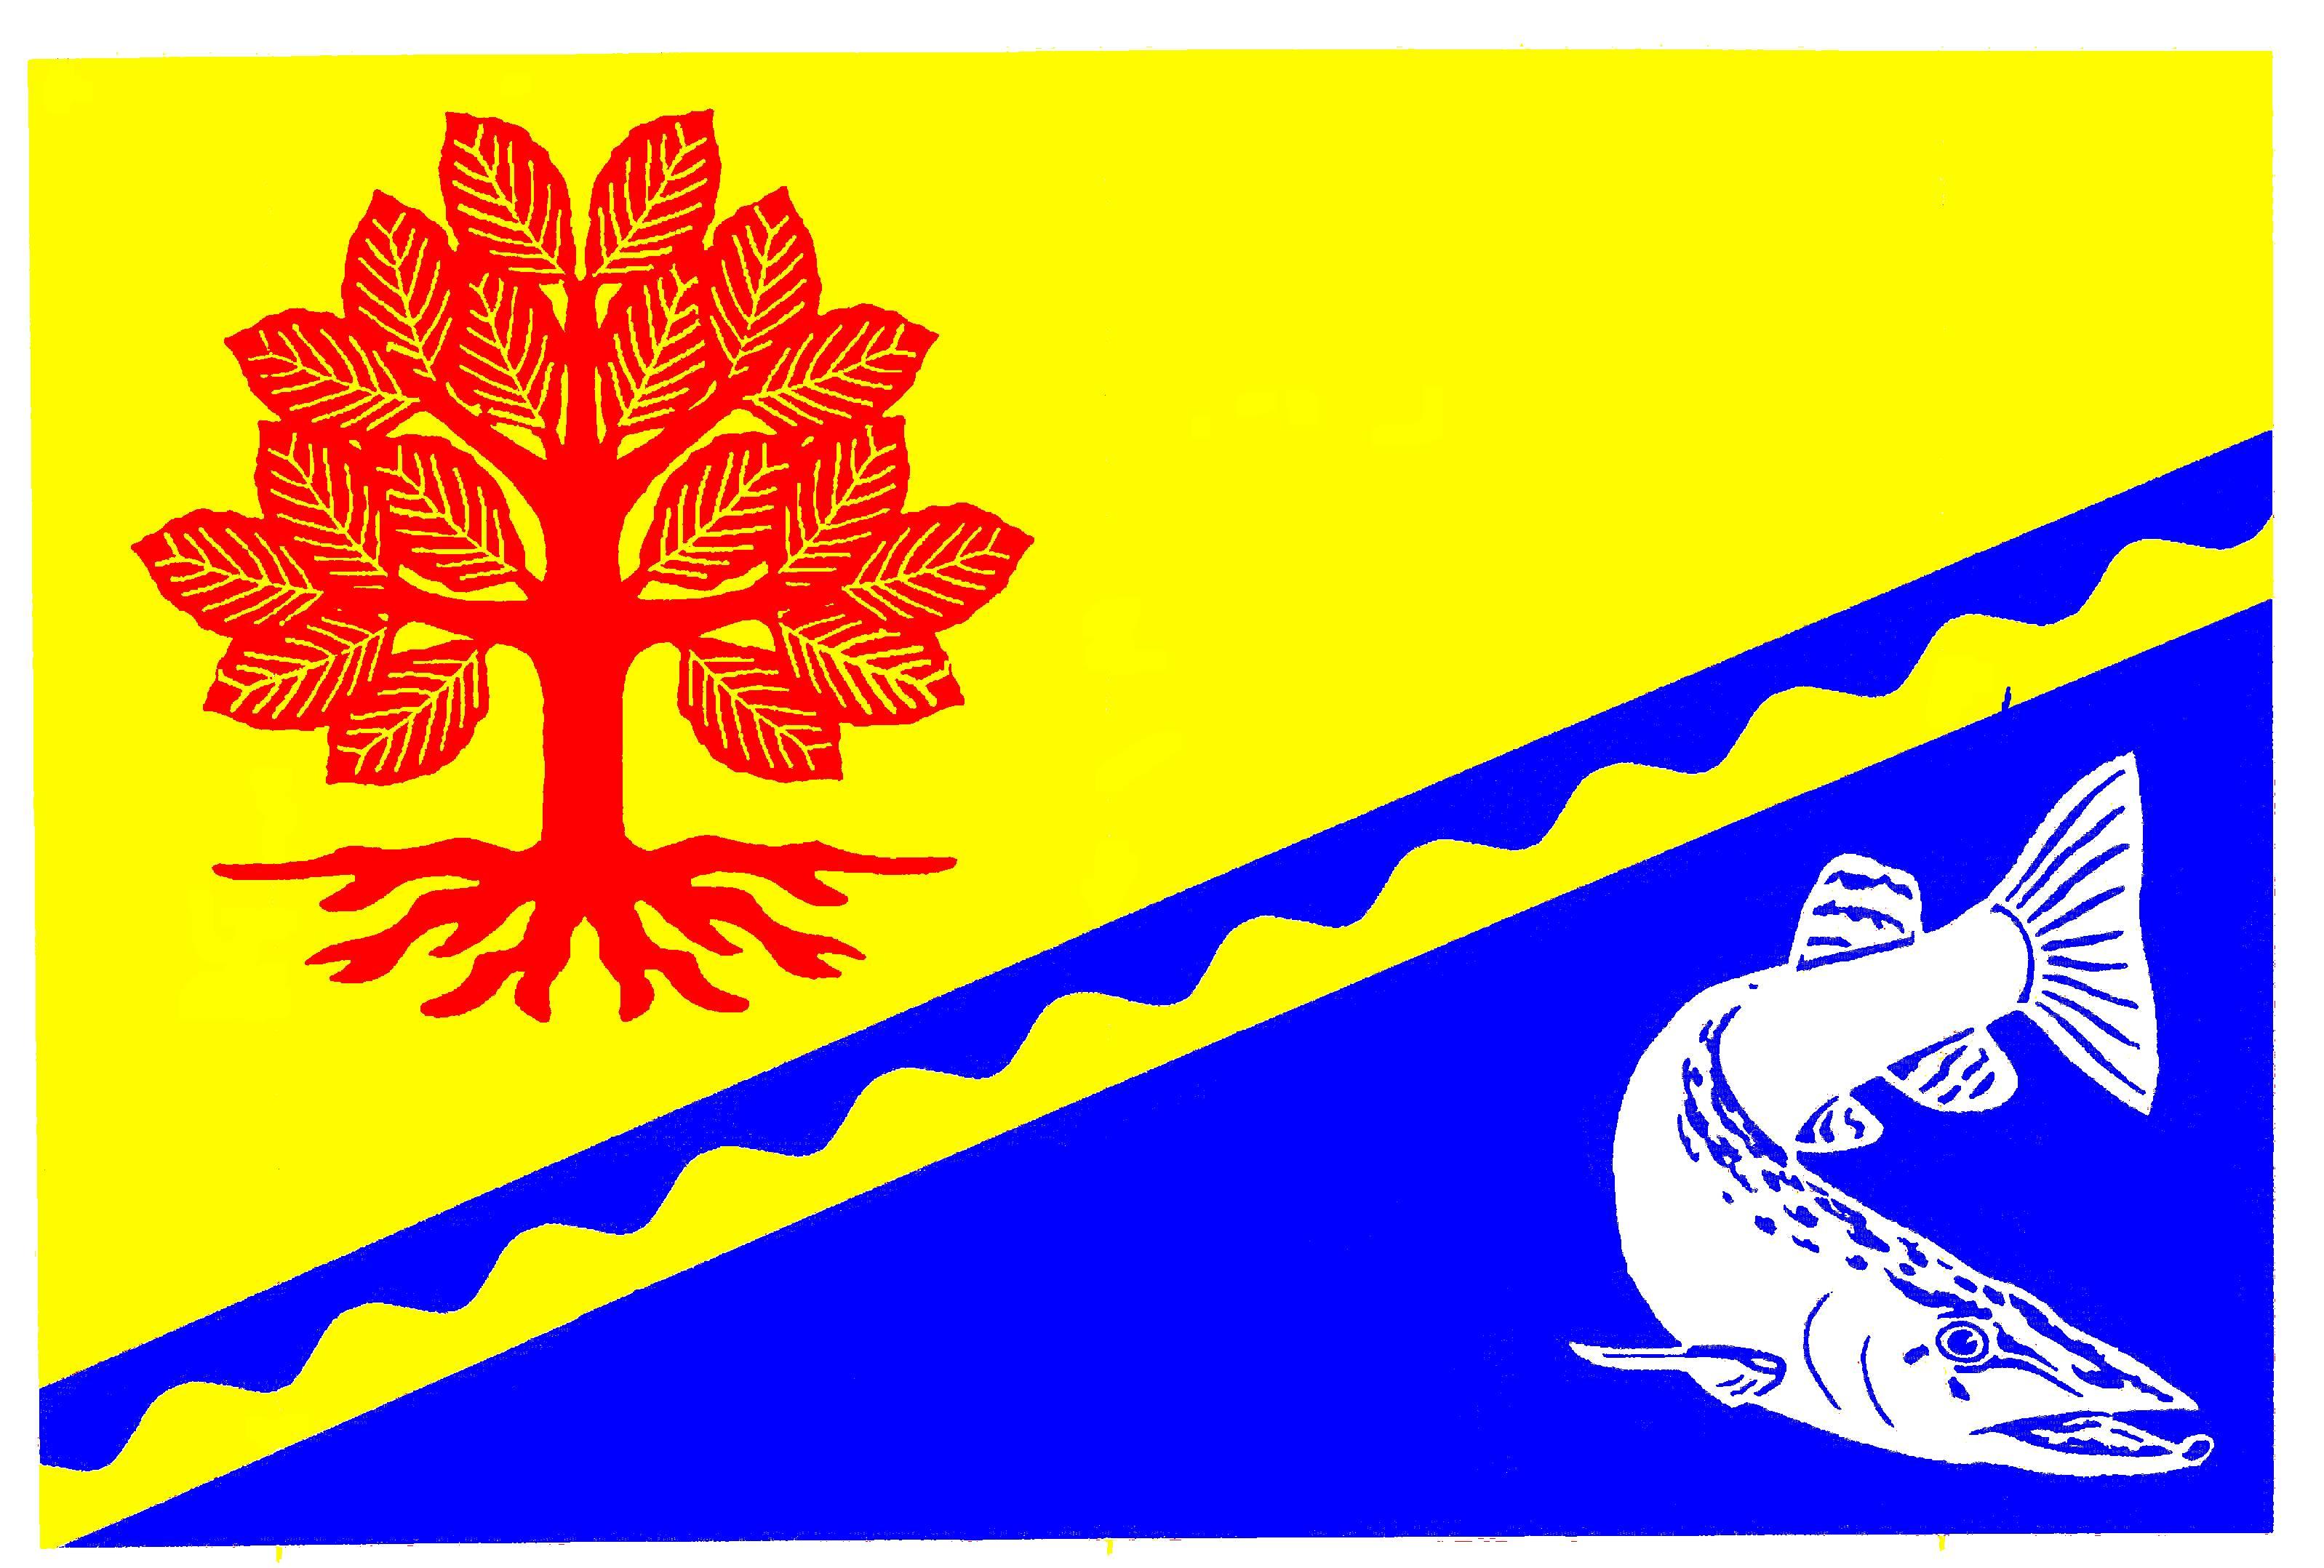 Flagge GemeindeKükels, Kreis Segeberg